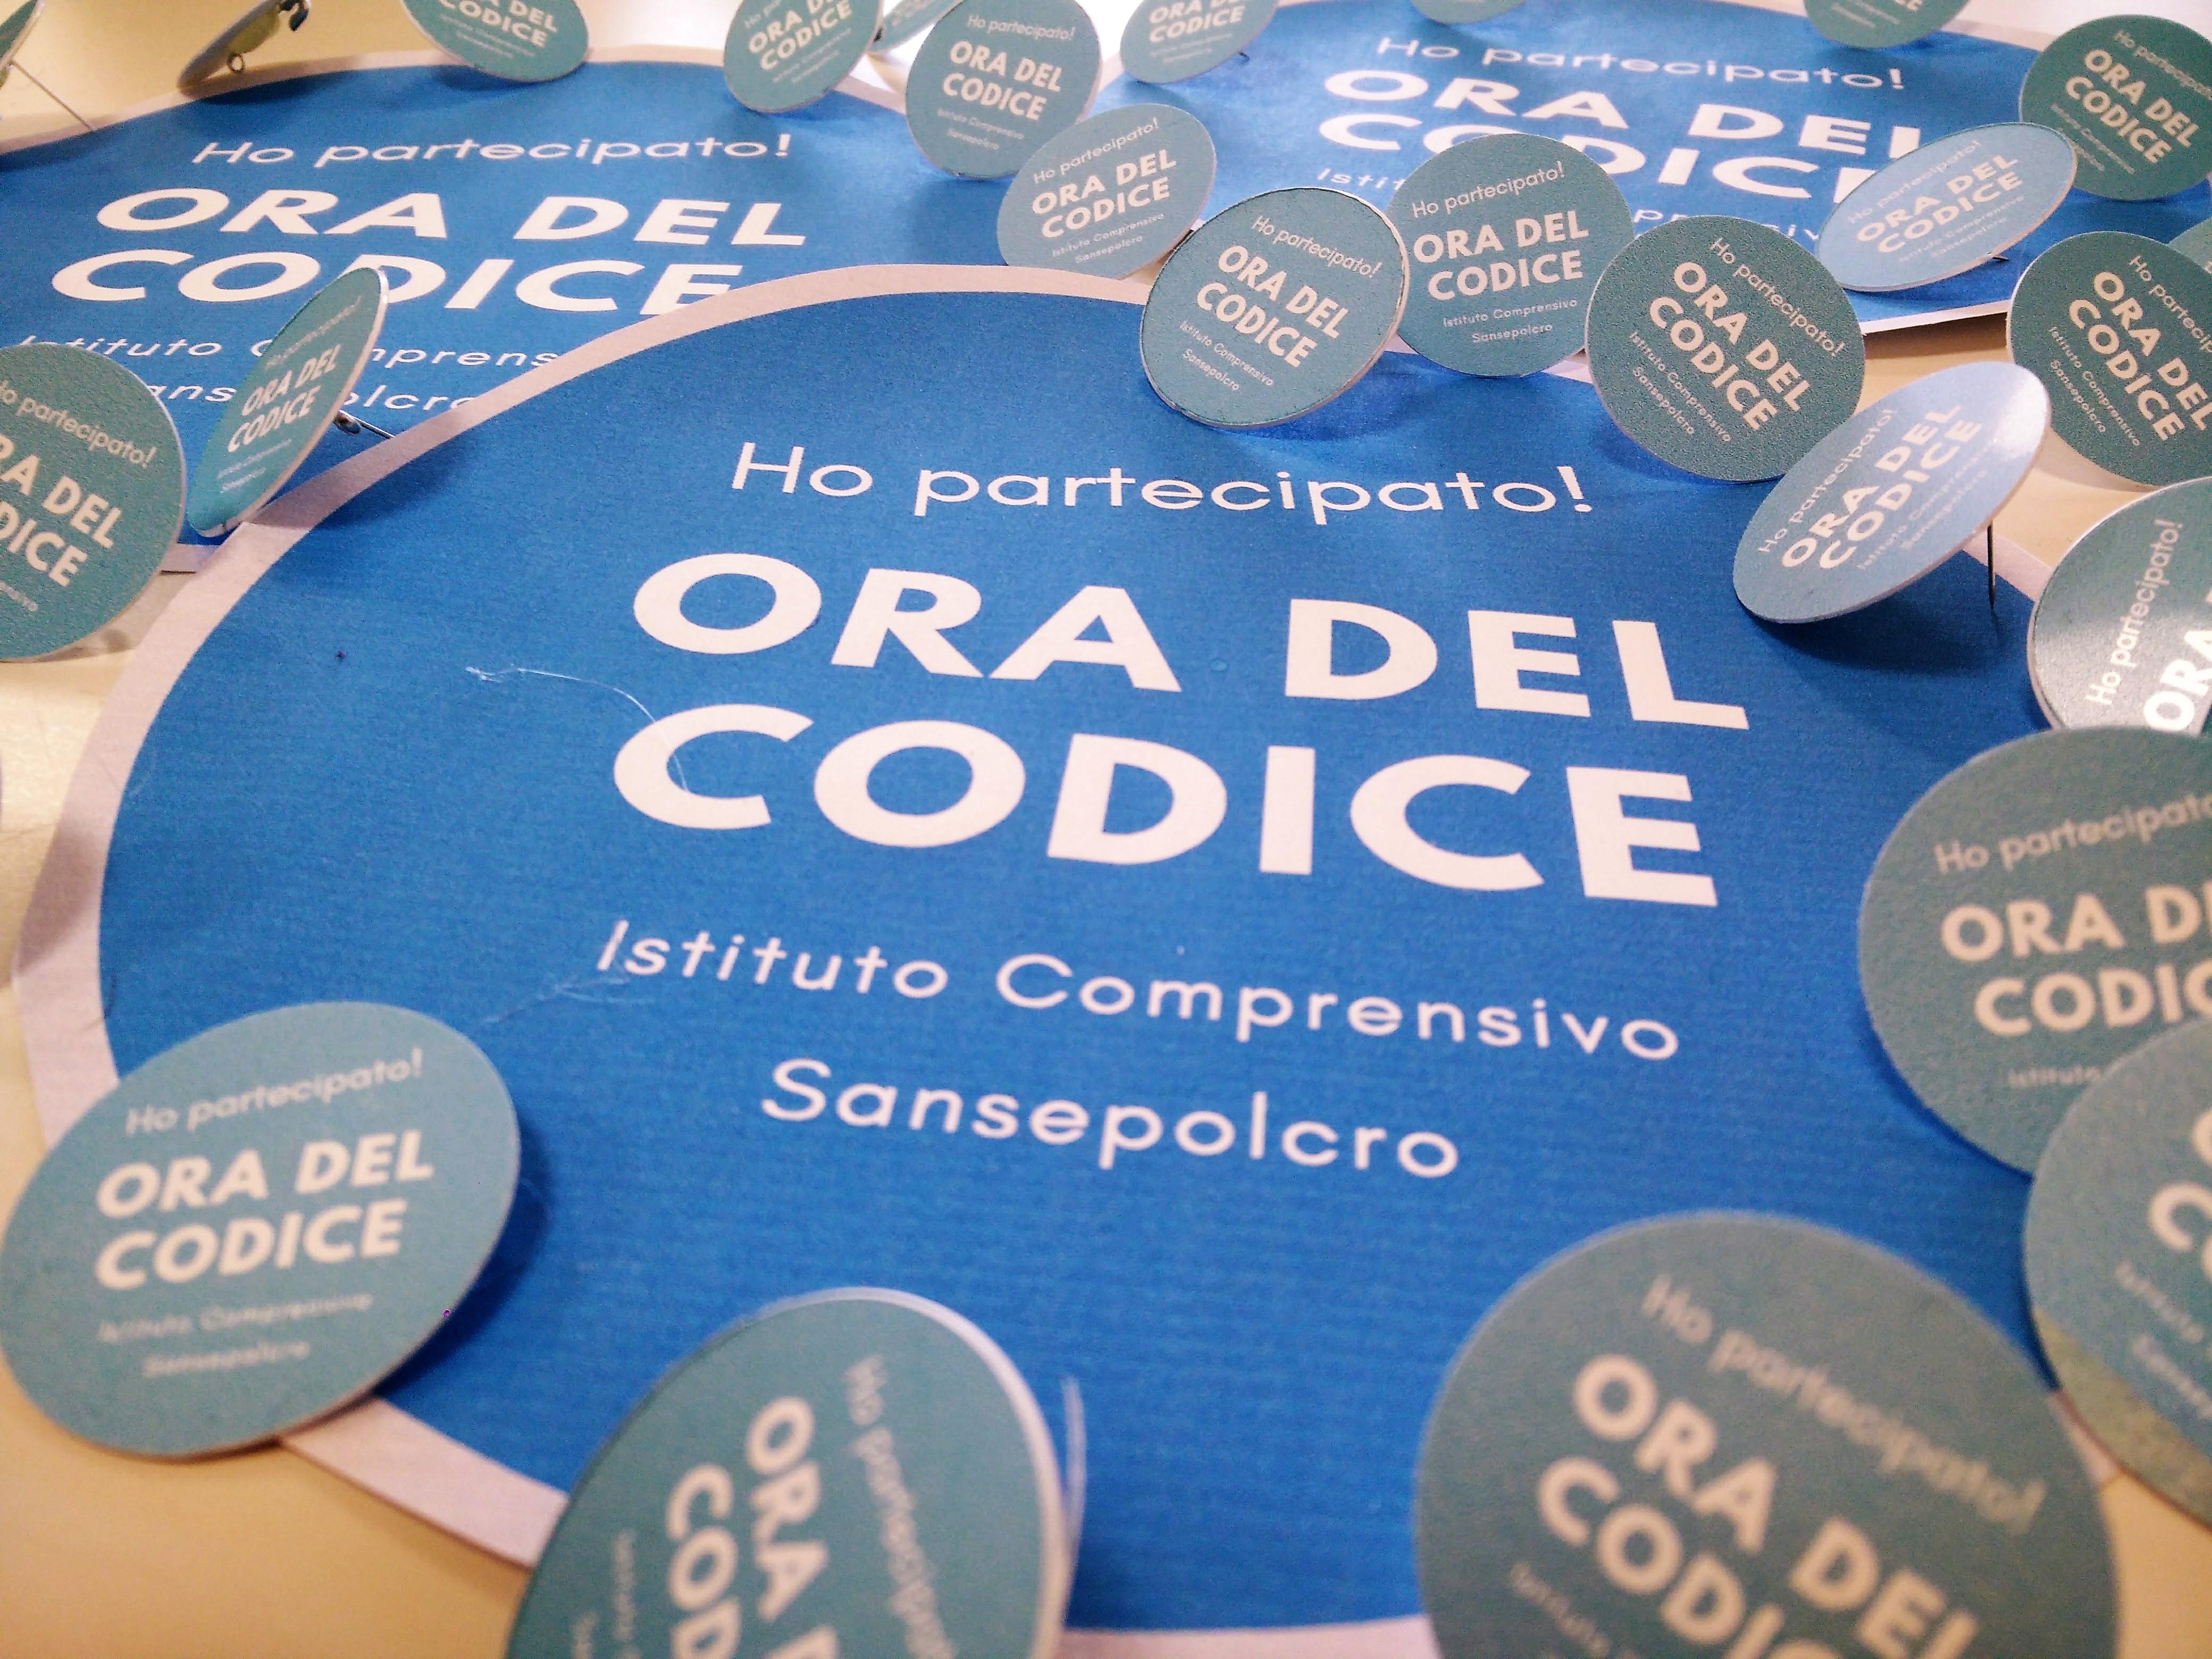 ora_del_codice_ICSansepolcro02